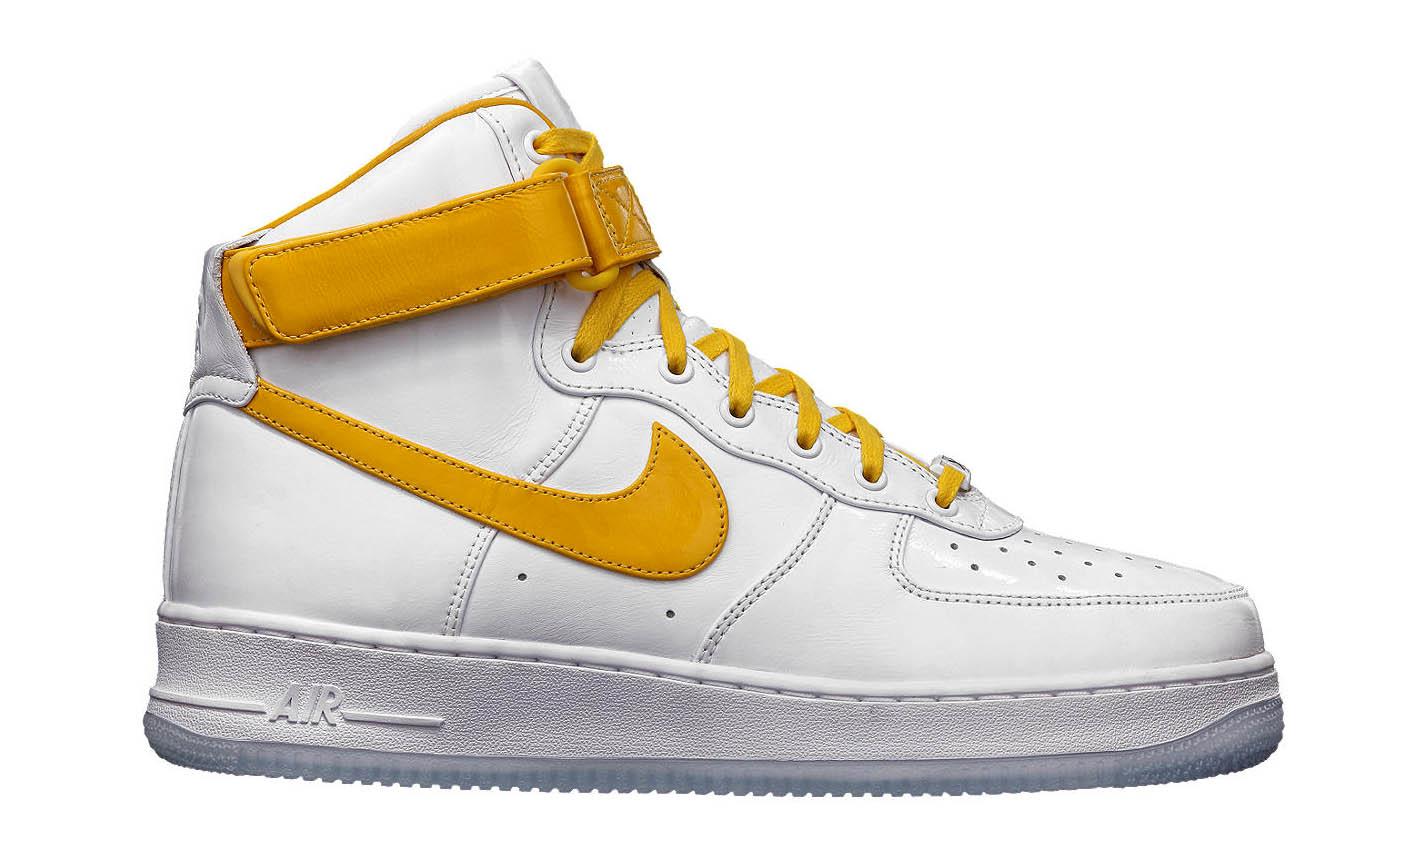 Nike-Air-Force-1-High-Premium-Mens-Shoe-573972_100_A_png&wid=1430&hei=1021&fmt=jpg